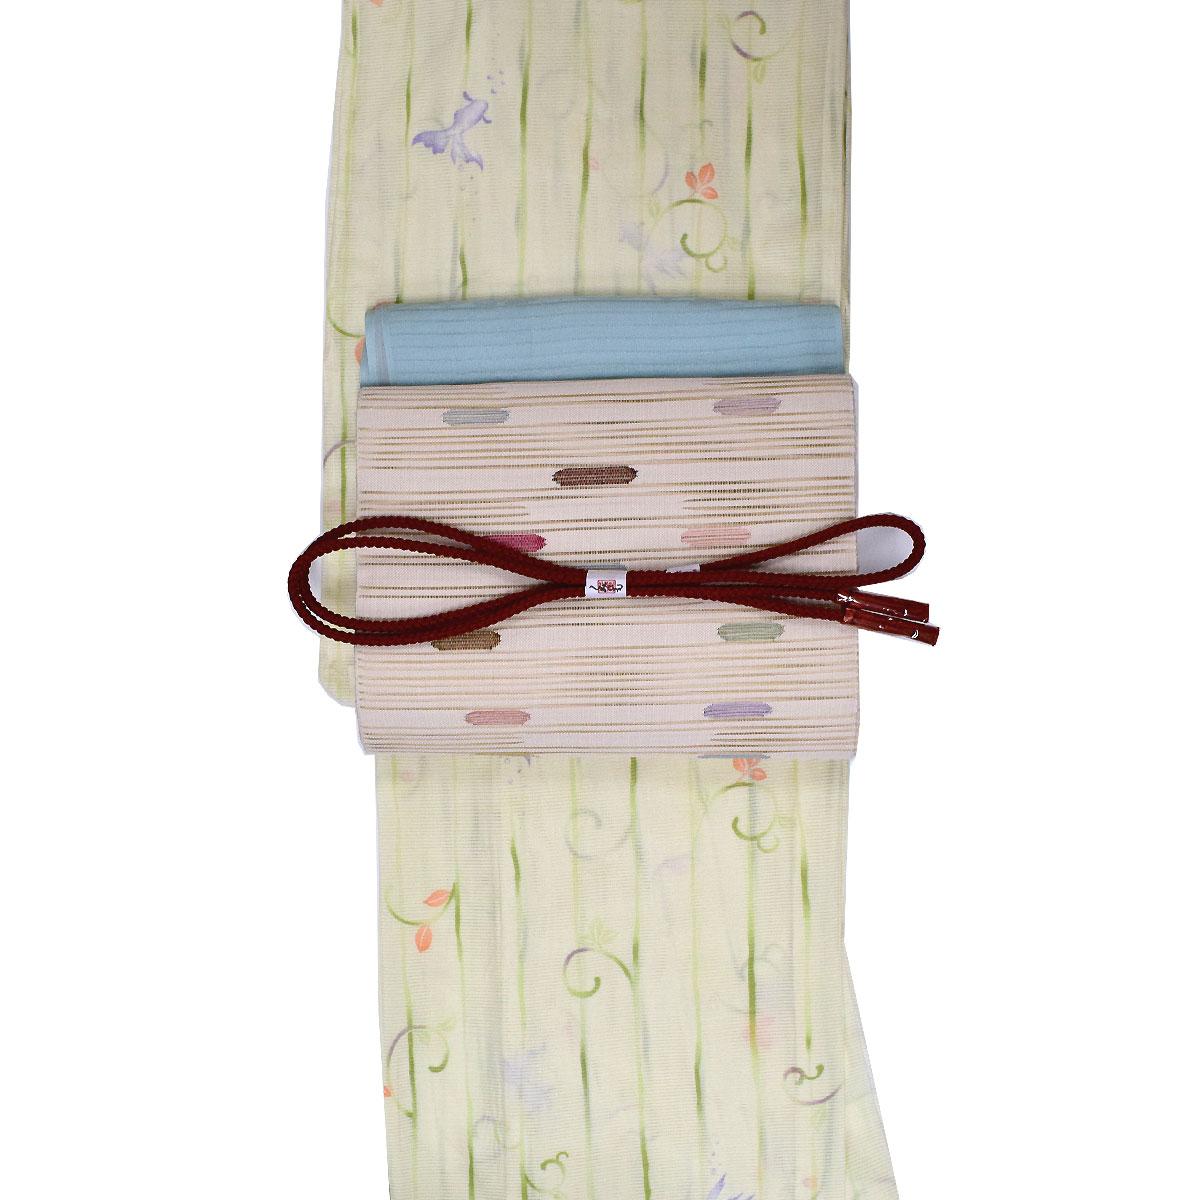 【L寸】【絽】【夏】洗える着物 セット洗える着物 + 正絹 絽綴れ名古屋帯 + 正絹 帯揚げ + 正絹 帯締め 番号d826-9